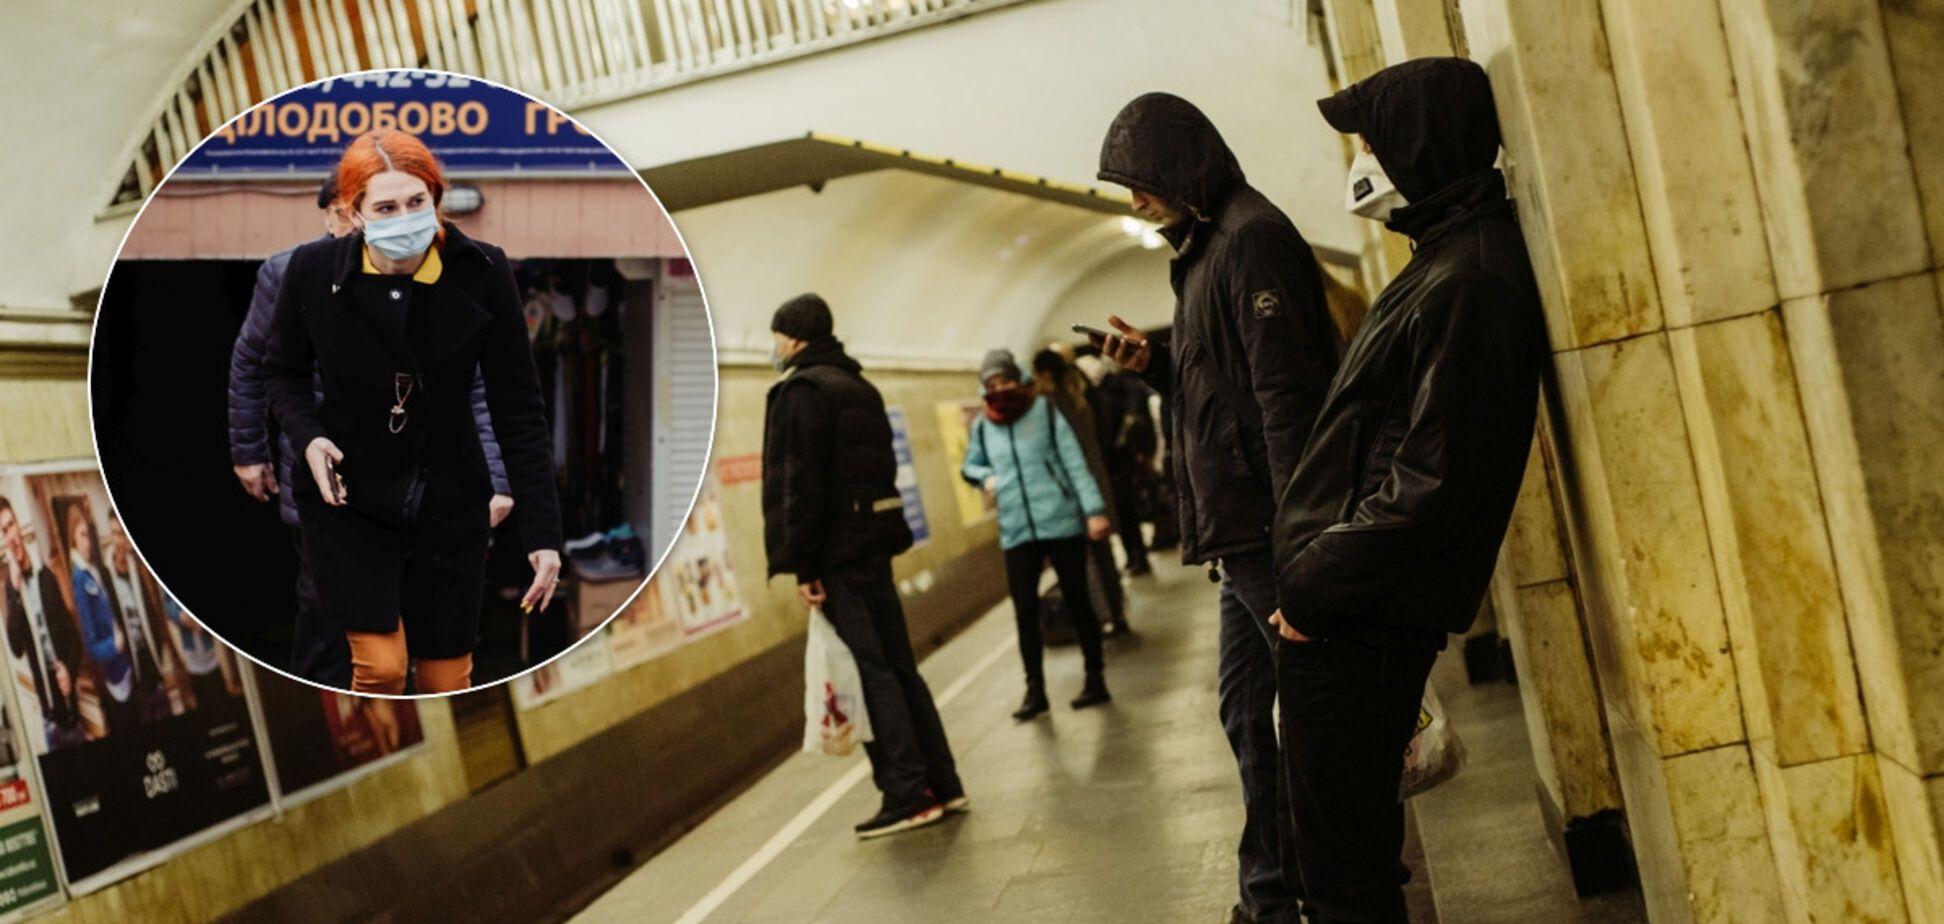 Карантин в Україні затягнеться до кінця року: OBOZREVATEL з'ясував, коли відкриють метро й дозволять працювати